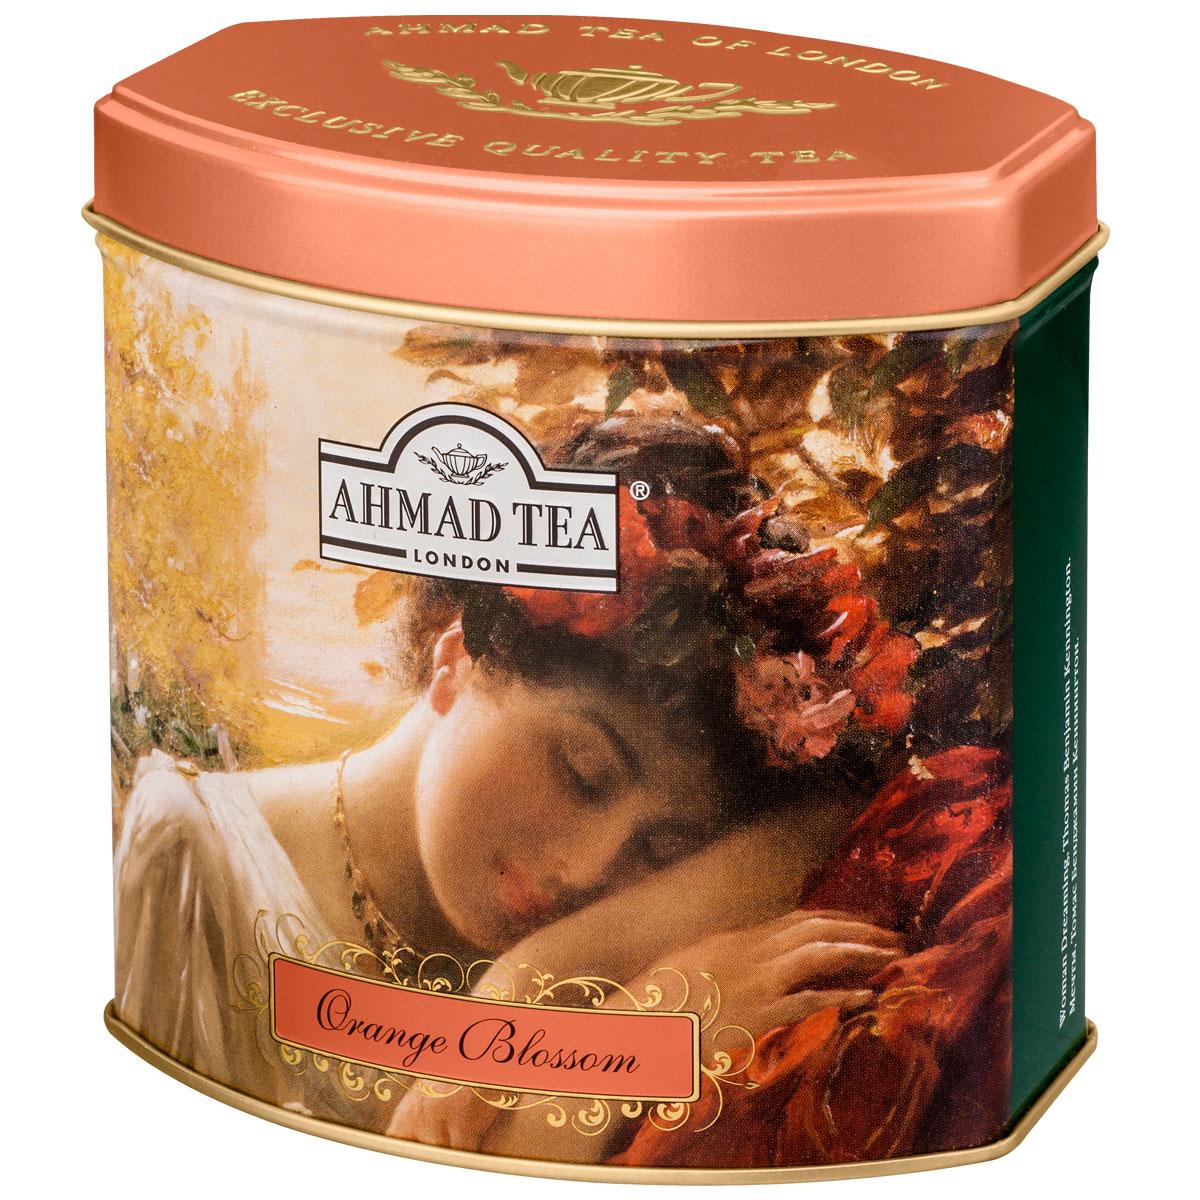 Ahmad Tea Orange Blossom черный чай, 100 г (жестяная банка)1172В европейской традиции цветок апельсина считается символом любви. В честь него назвали букет невесты - флердоранж. Моду на них и на белые свадебные платья ввела английская королева Виктория в 19 в. И также чуть заметная сластинка и тонкий аромат солнечного фрукта составляют особенный легкий букет чая Ahmad Orange Blossom.Заваривать 5-7 минут, температура воды 100°С.Уважаемые клиенты! Обращаем ваше внимание на то, что упаковка может иметь несколько видов дизайна. Поставка осуществляется в зависимости от наличия на складе.